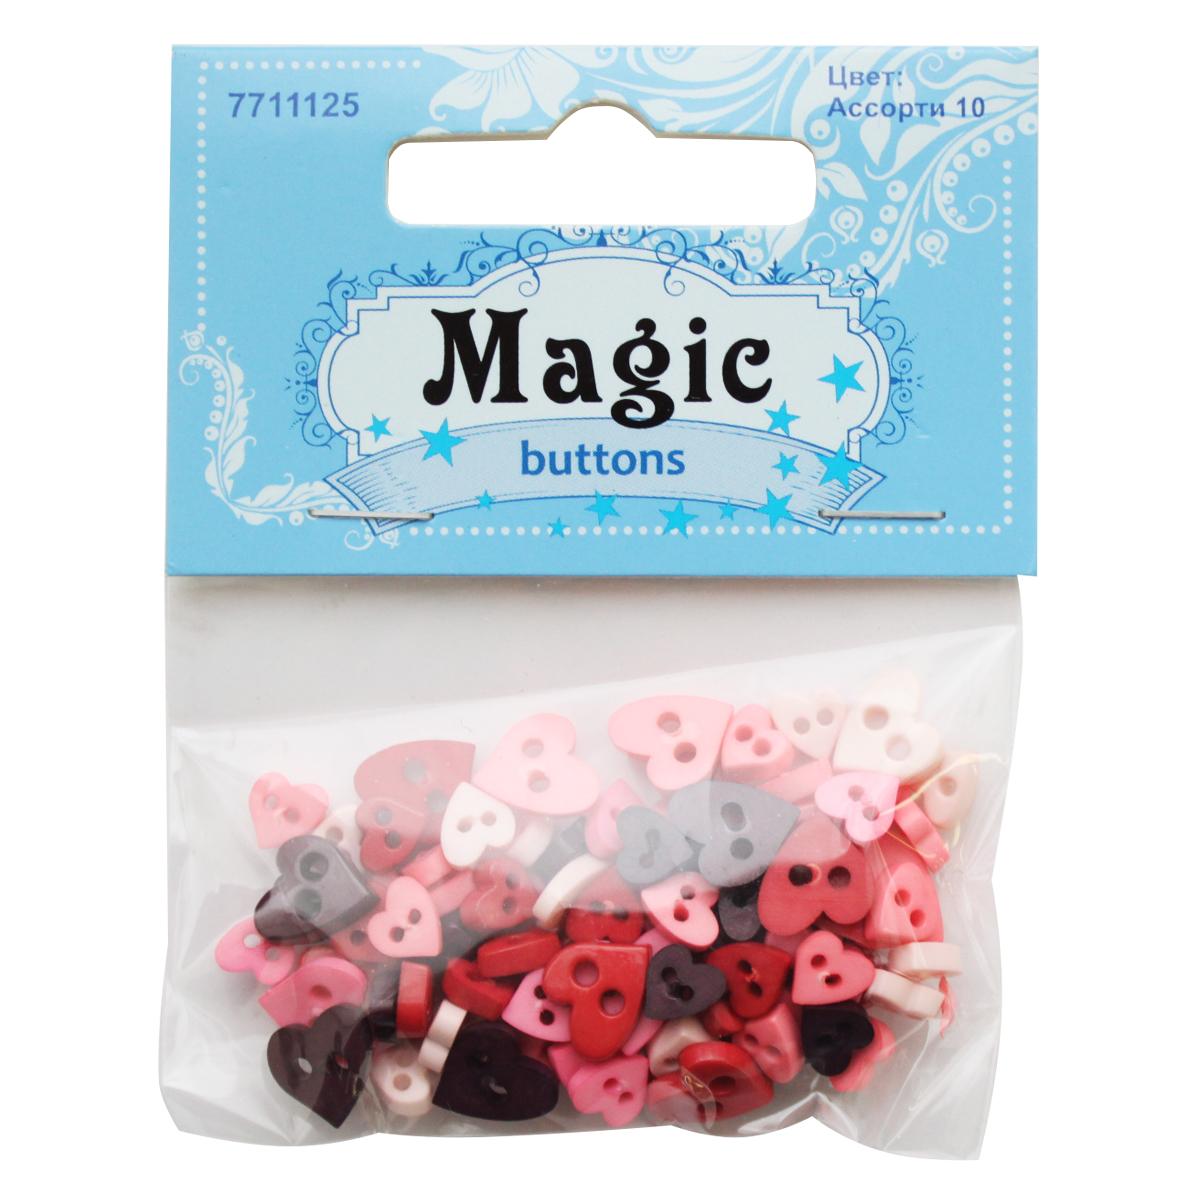 Пуговицы декоративные Magic Buttons Сердечки, 5 г7711125_Ассорти 10Яркие и красочные пуговицы Magic Buttons станут прекрасным дополнением к любому образу. Пуговицы выполнены в разных цветовых вариантах и формах.